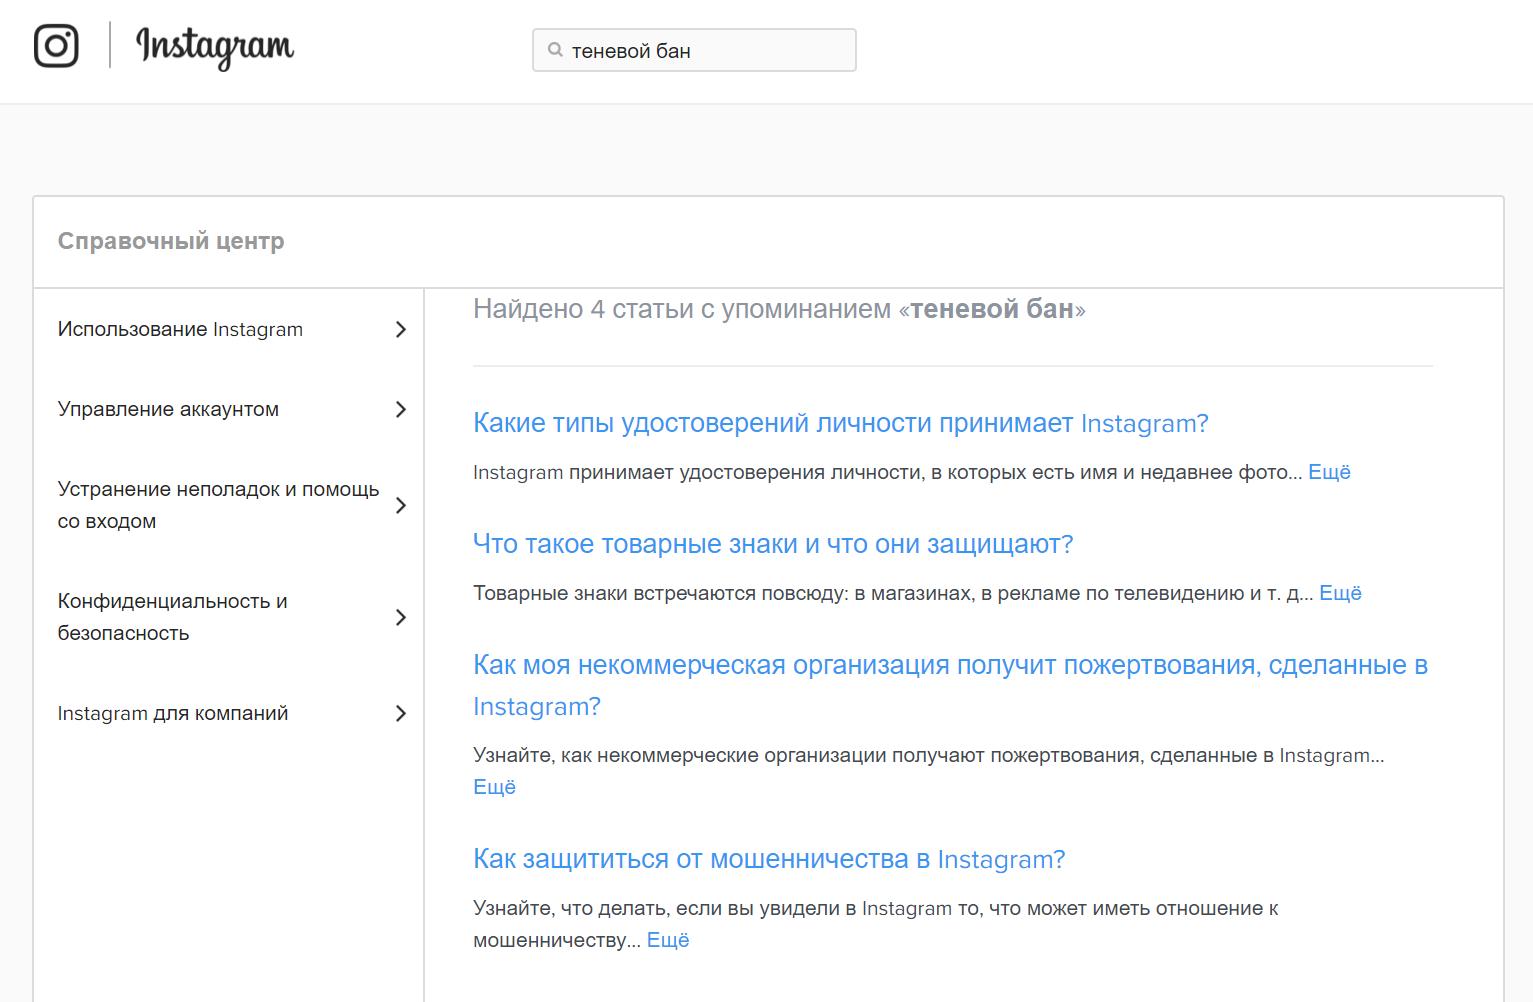 Что такое теневой бан в инстаграм? как выйти из теневого бана? - socialniesety.ru